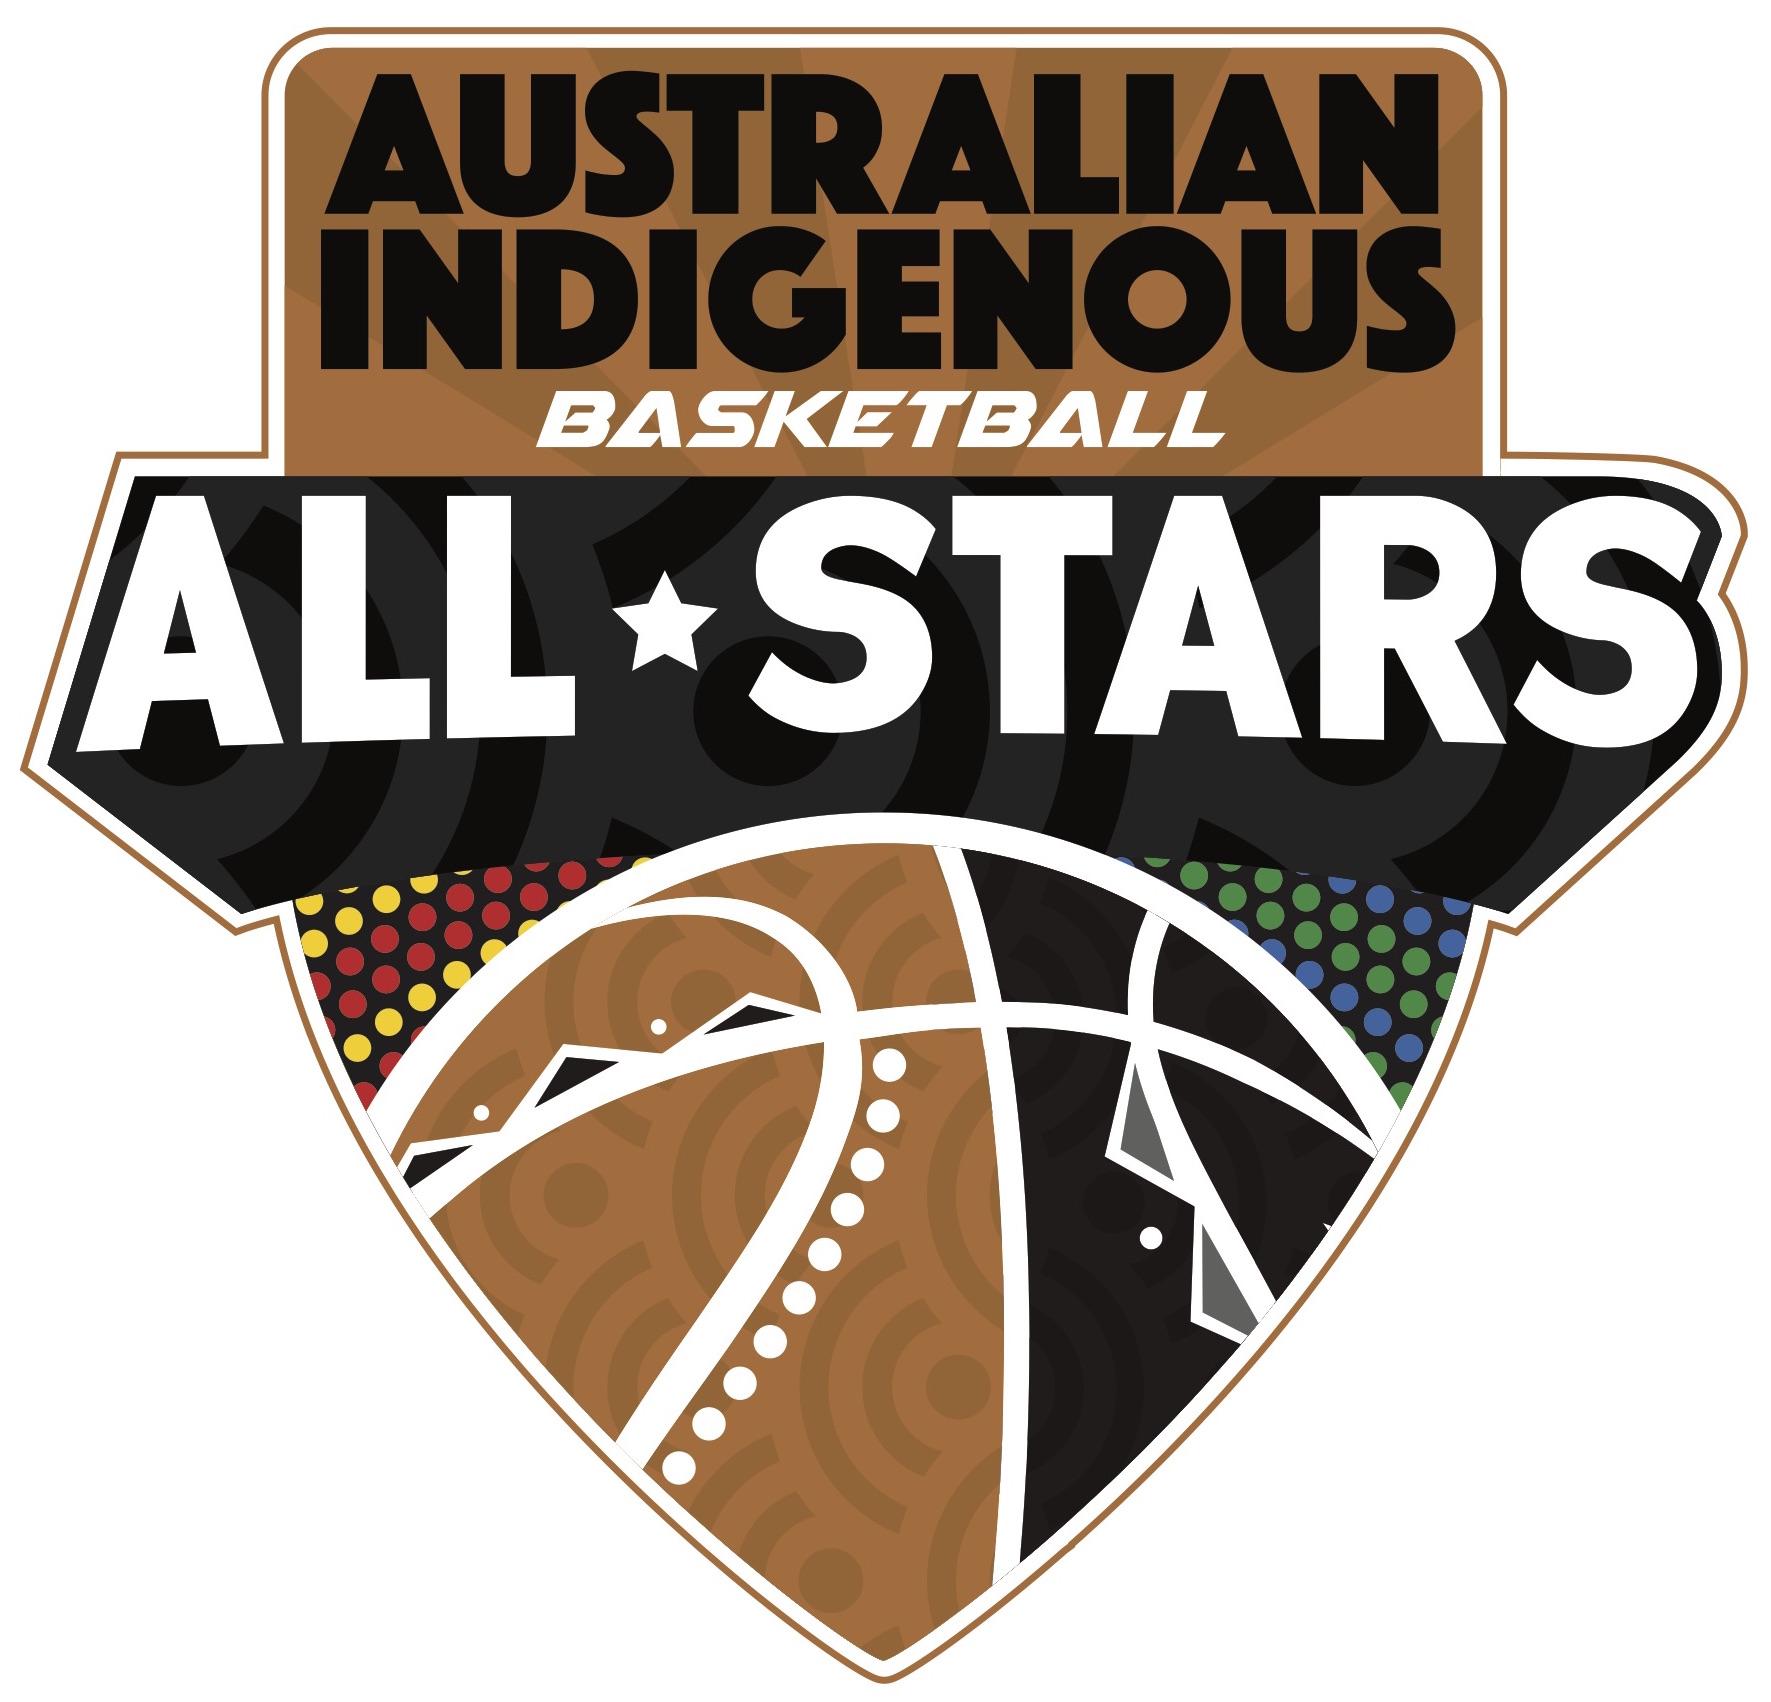 Australian Indigenous All Stars Logo.jpg